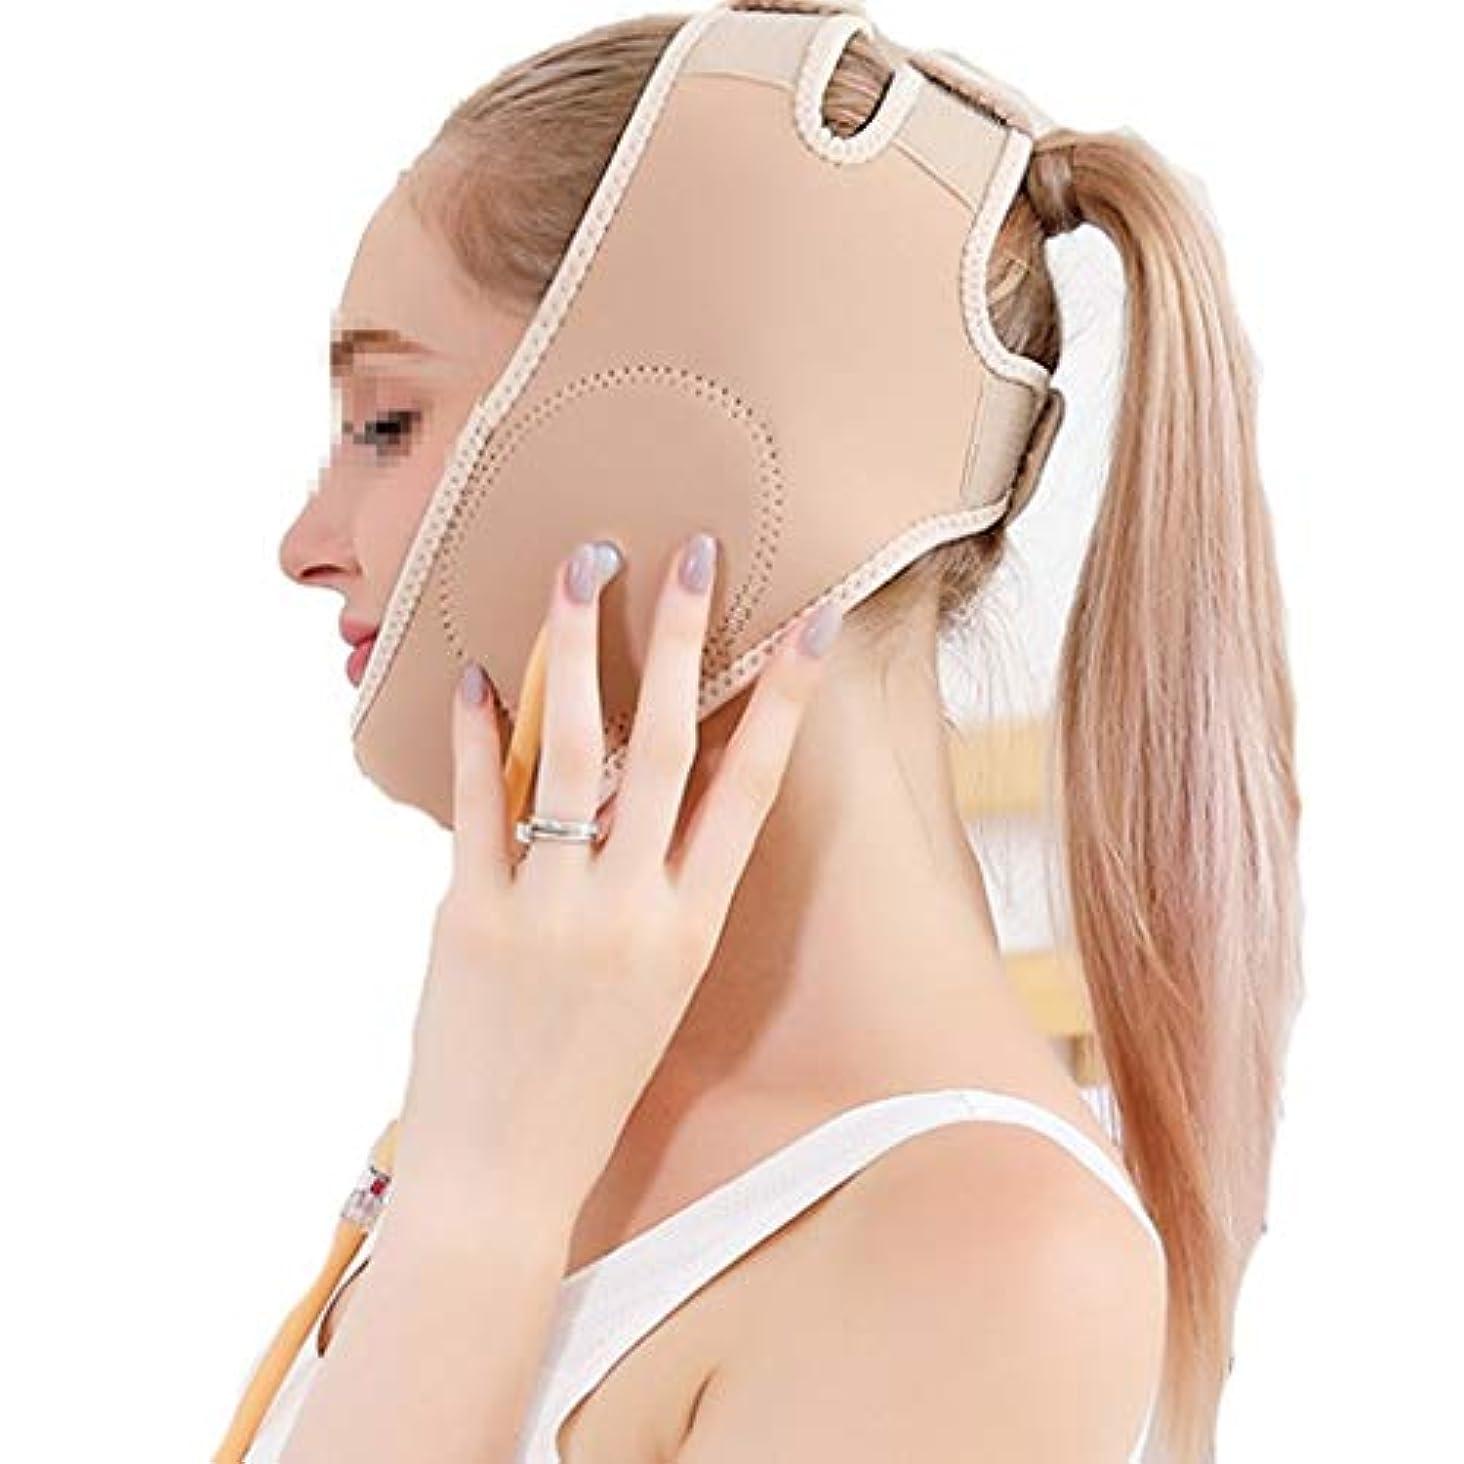 肘メディア非難する空気圧薄型フェイスベルト、マスクスモールVフェイス圧力リフティングシェーピングバイトマッスルファーミングパターンダブルチンバンデージ薄型フェイスバンデージ (Color : Skin tone)